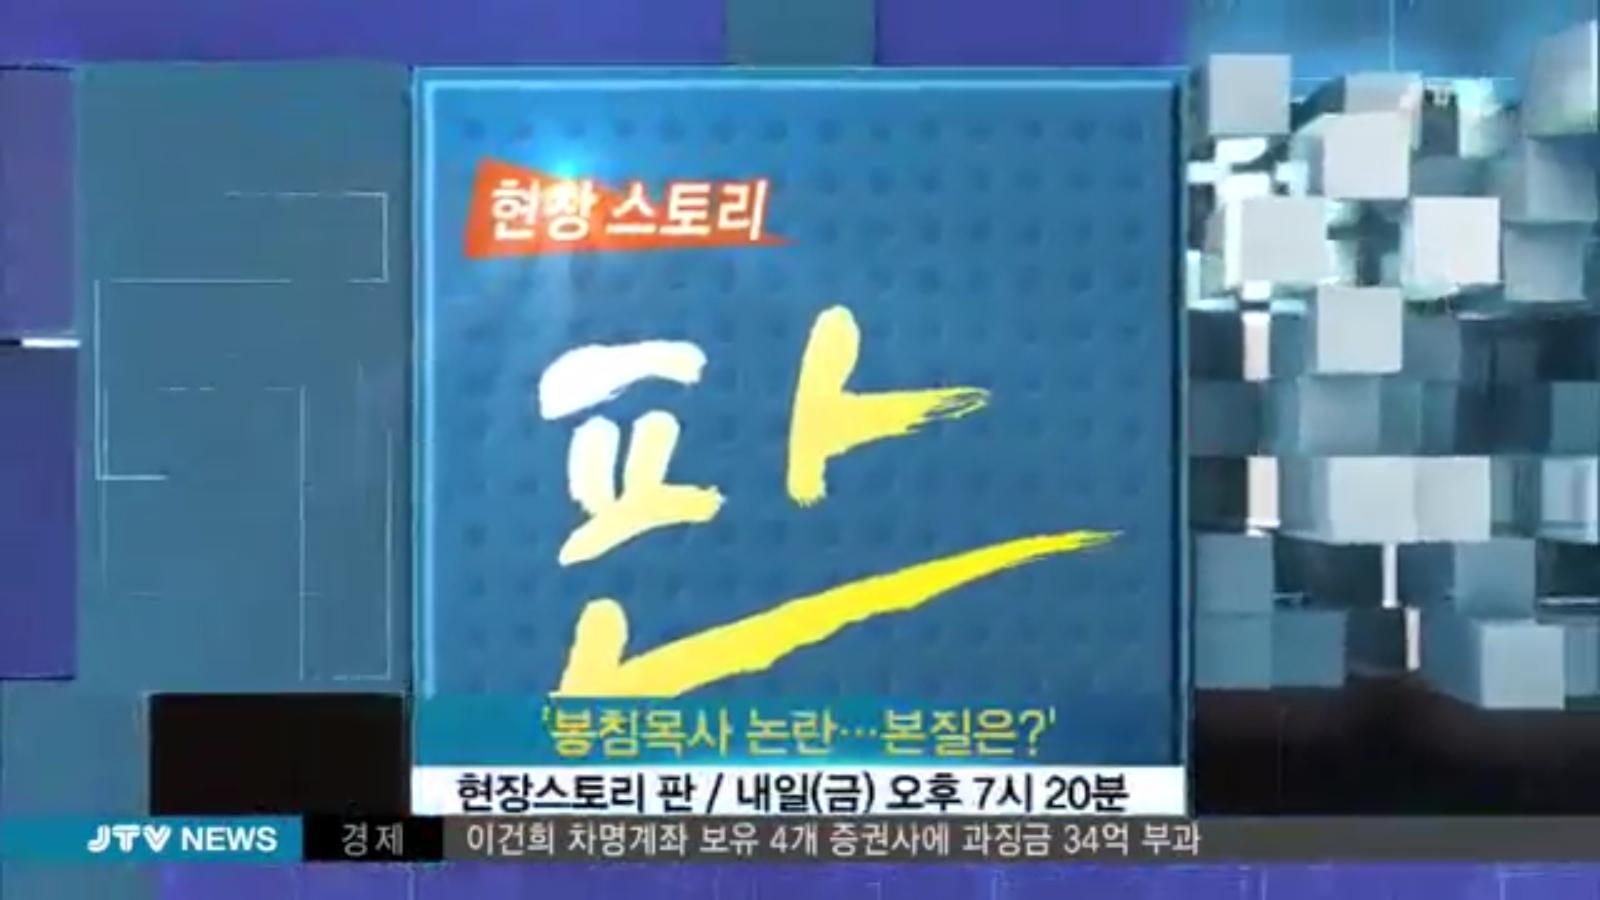 [18.4.12 JTV] 전주 봉침게이트, 봉침목사 논란...본질은7.jpg